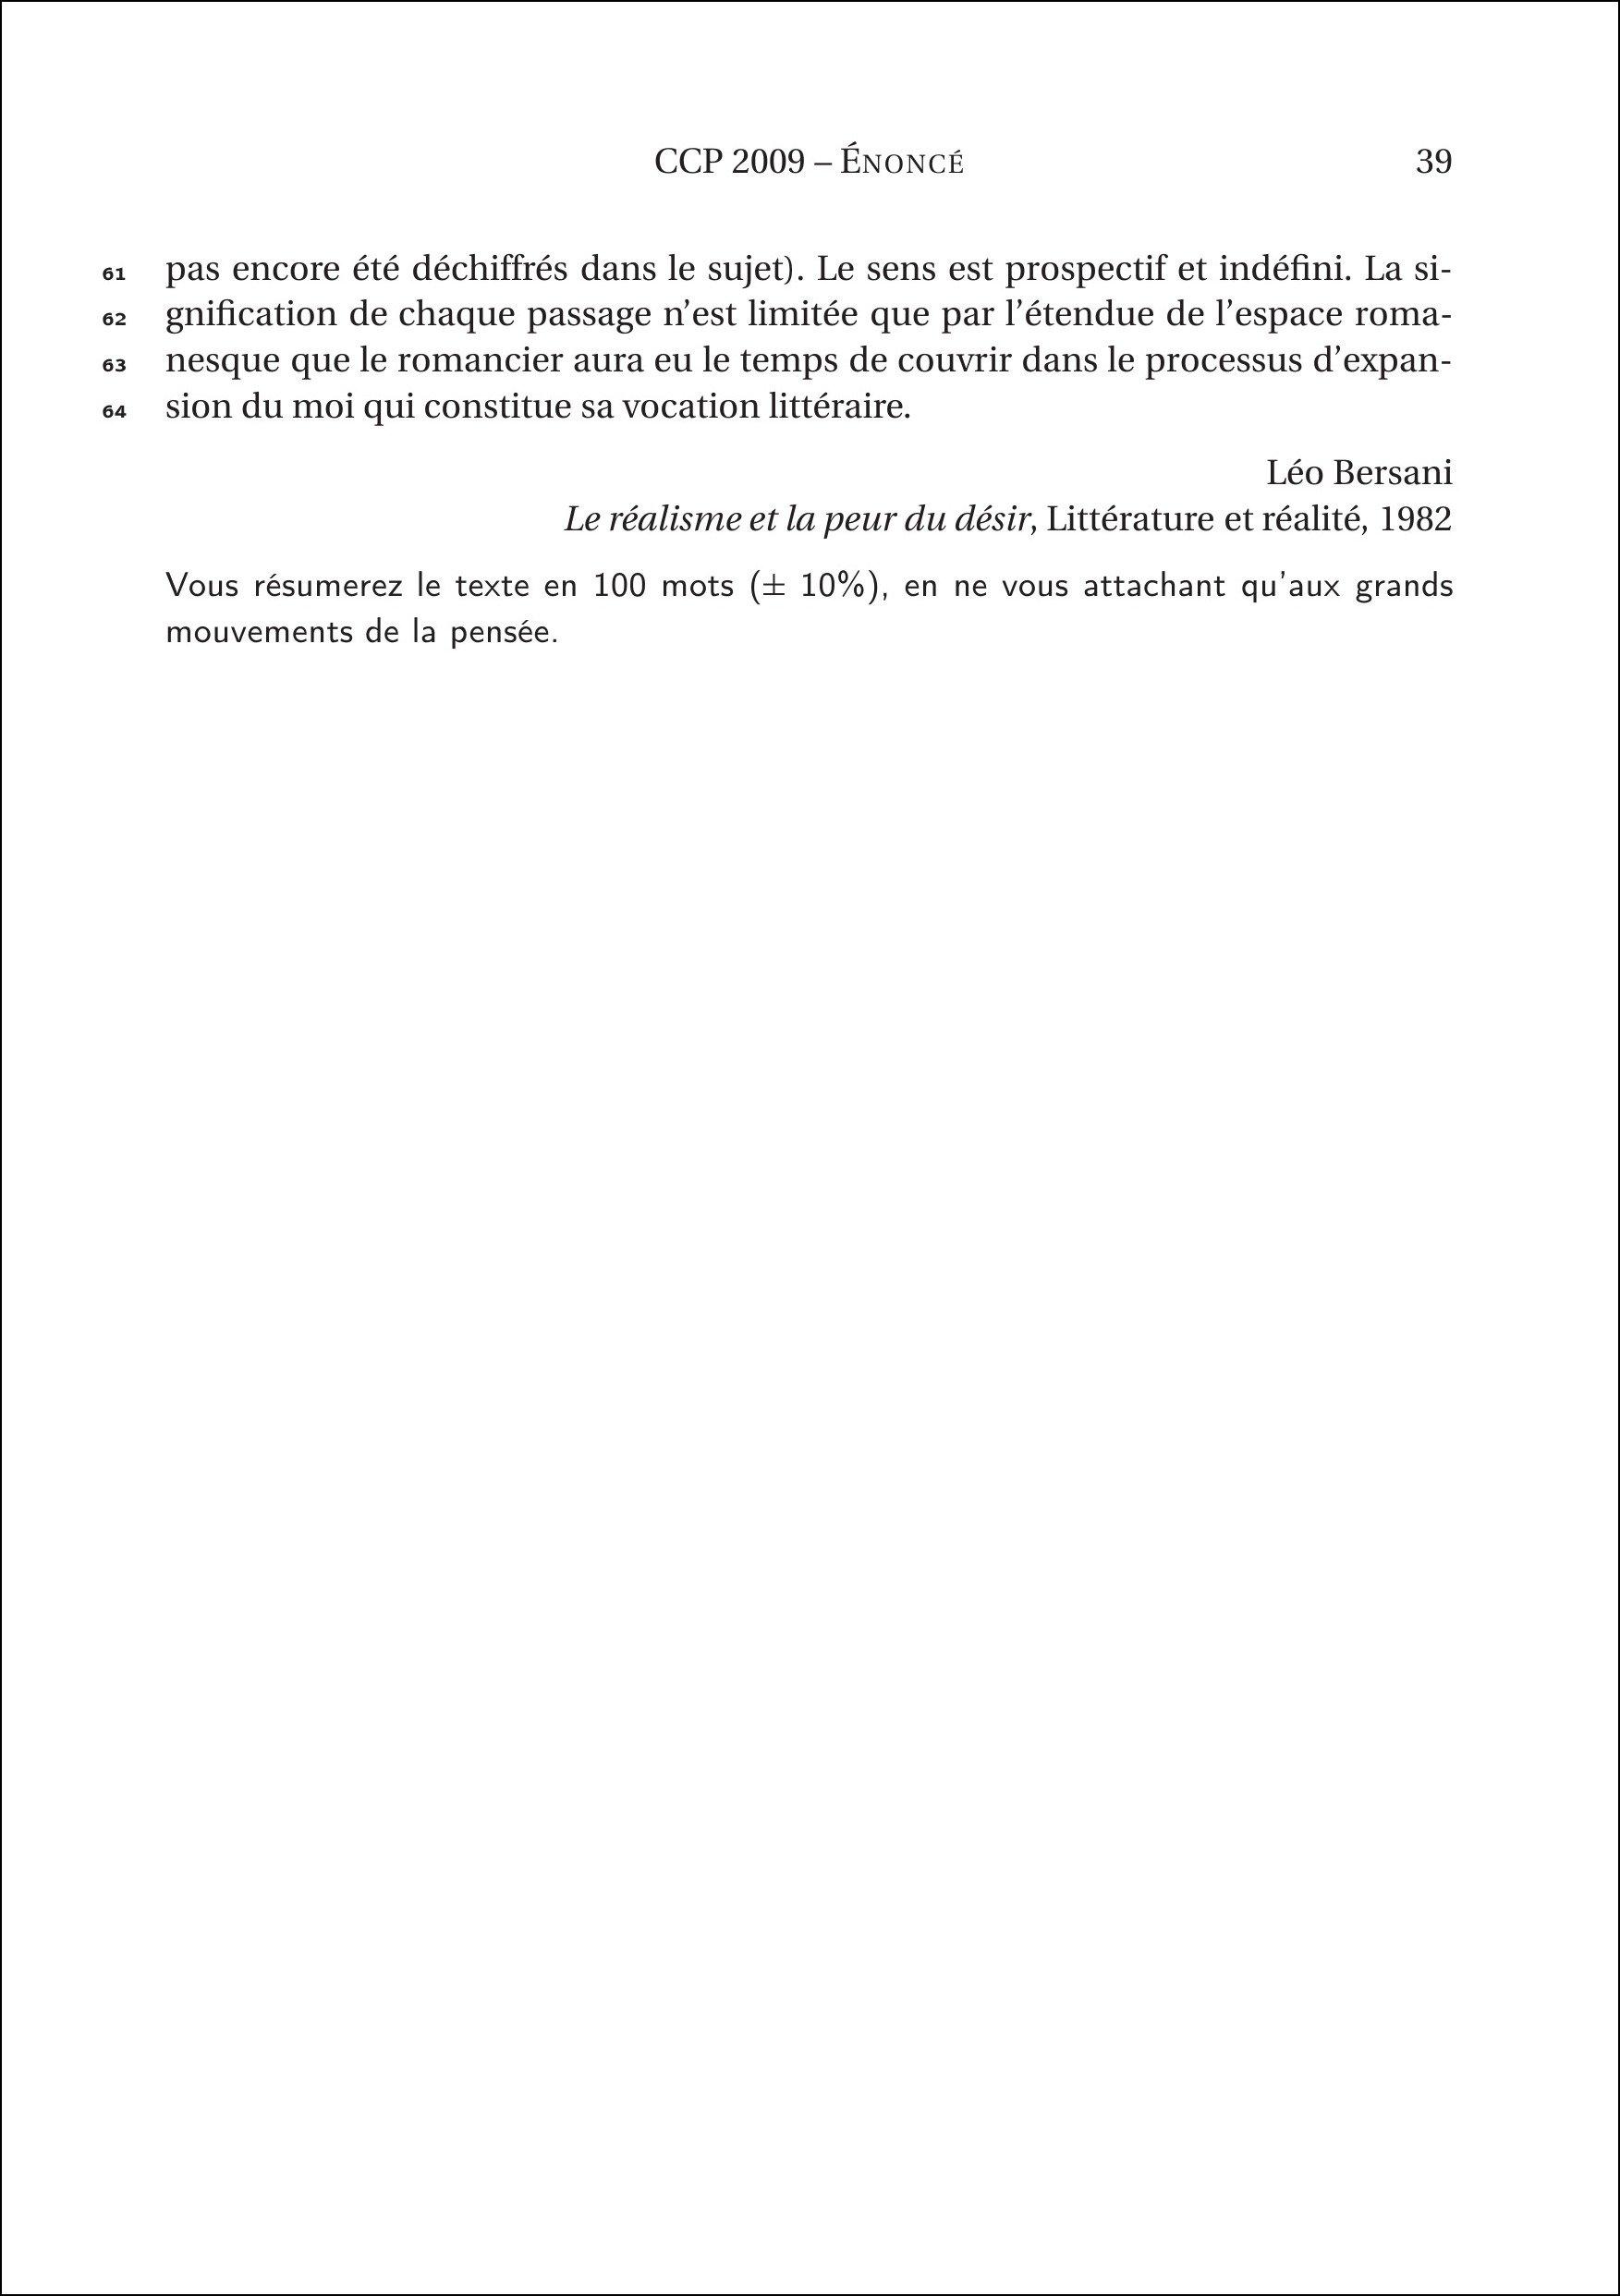 20 résumés : Enoncés et corrigés de sujets posés aux concours Centrale-Supélec, Concours Commun Polytechniques Banque PT Prépas scientifiques: Amazon.es: ...